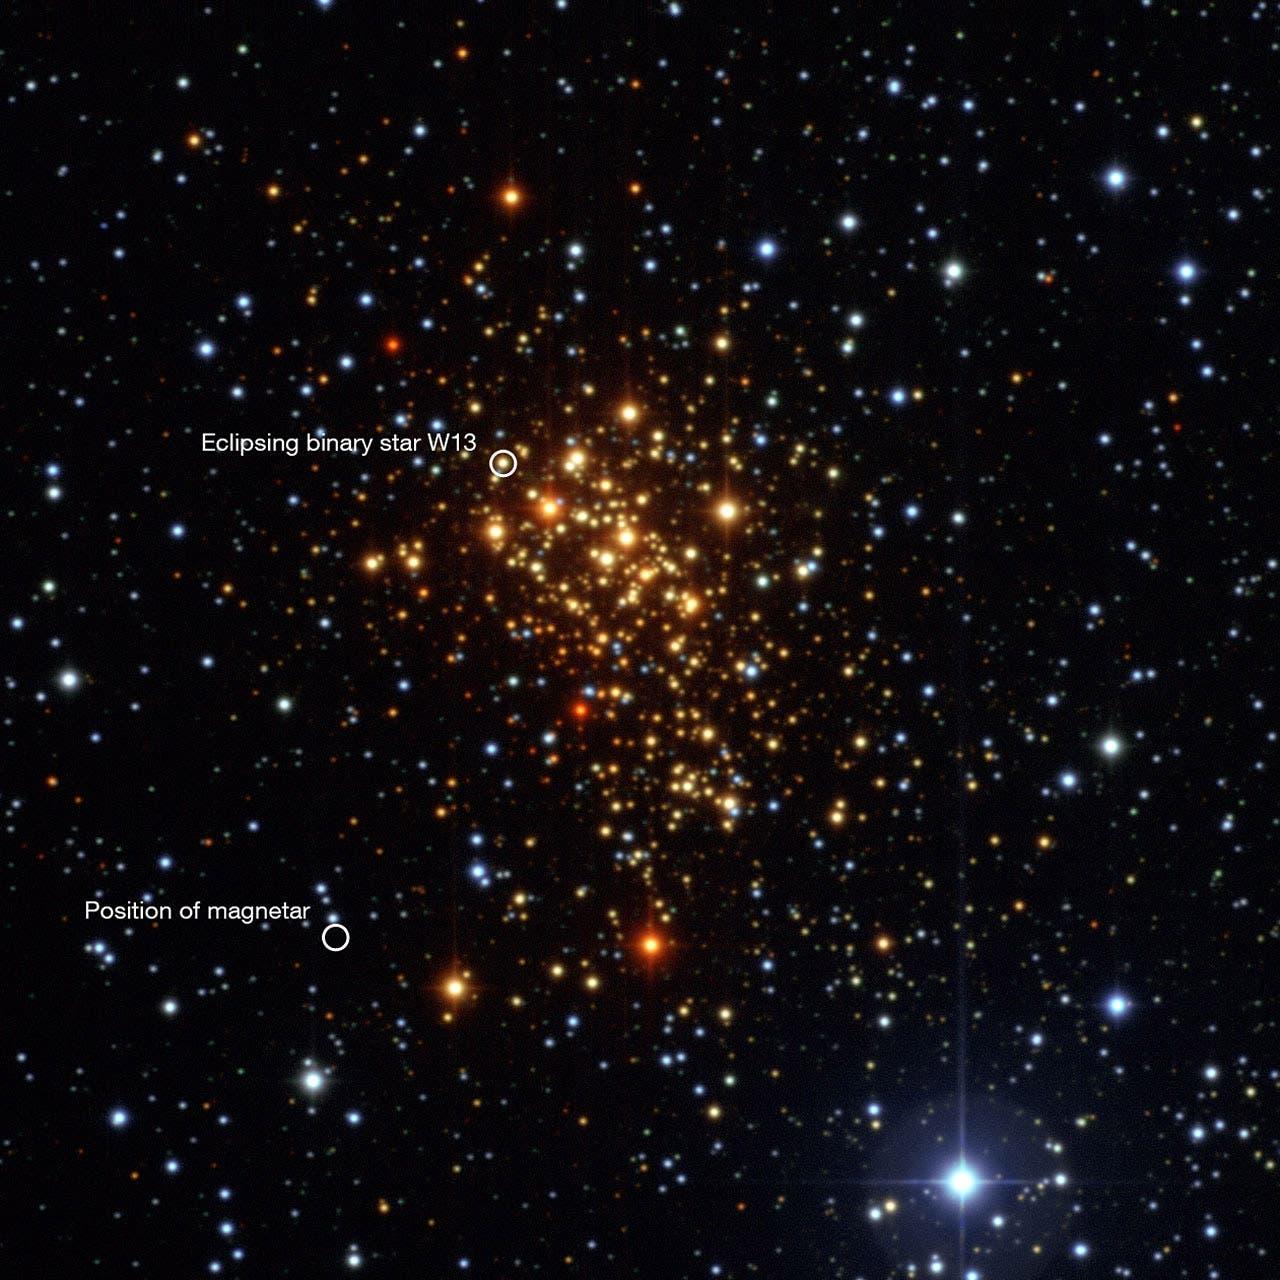 Der offene Sternhaufen Westerlund 1